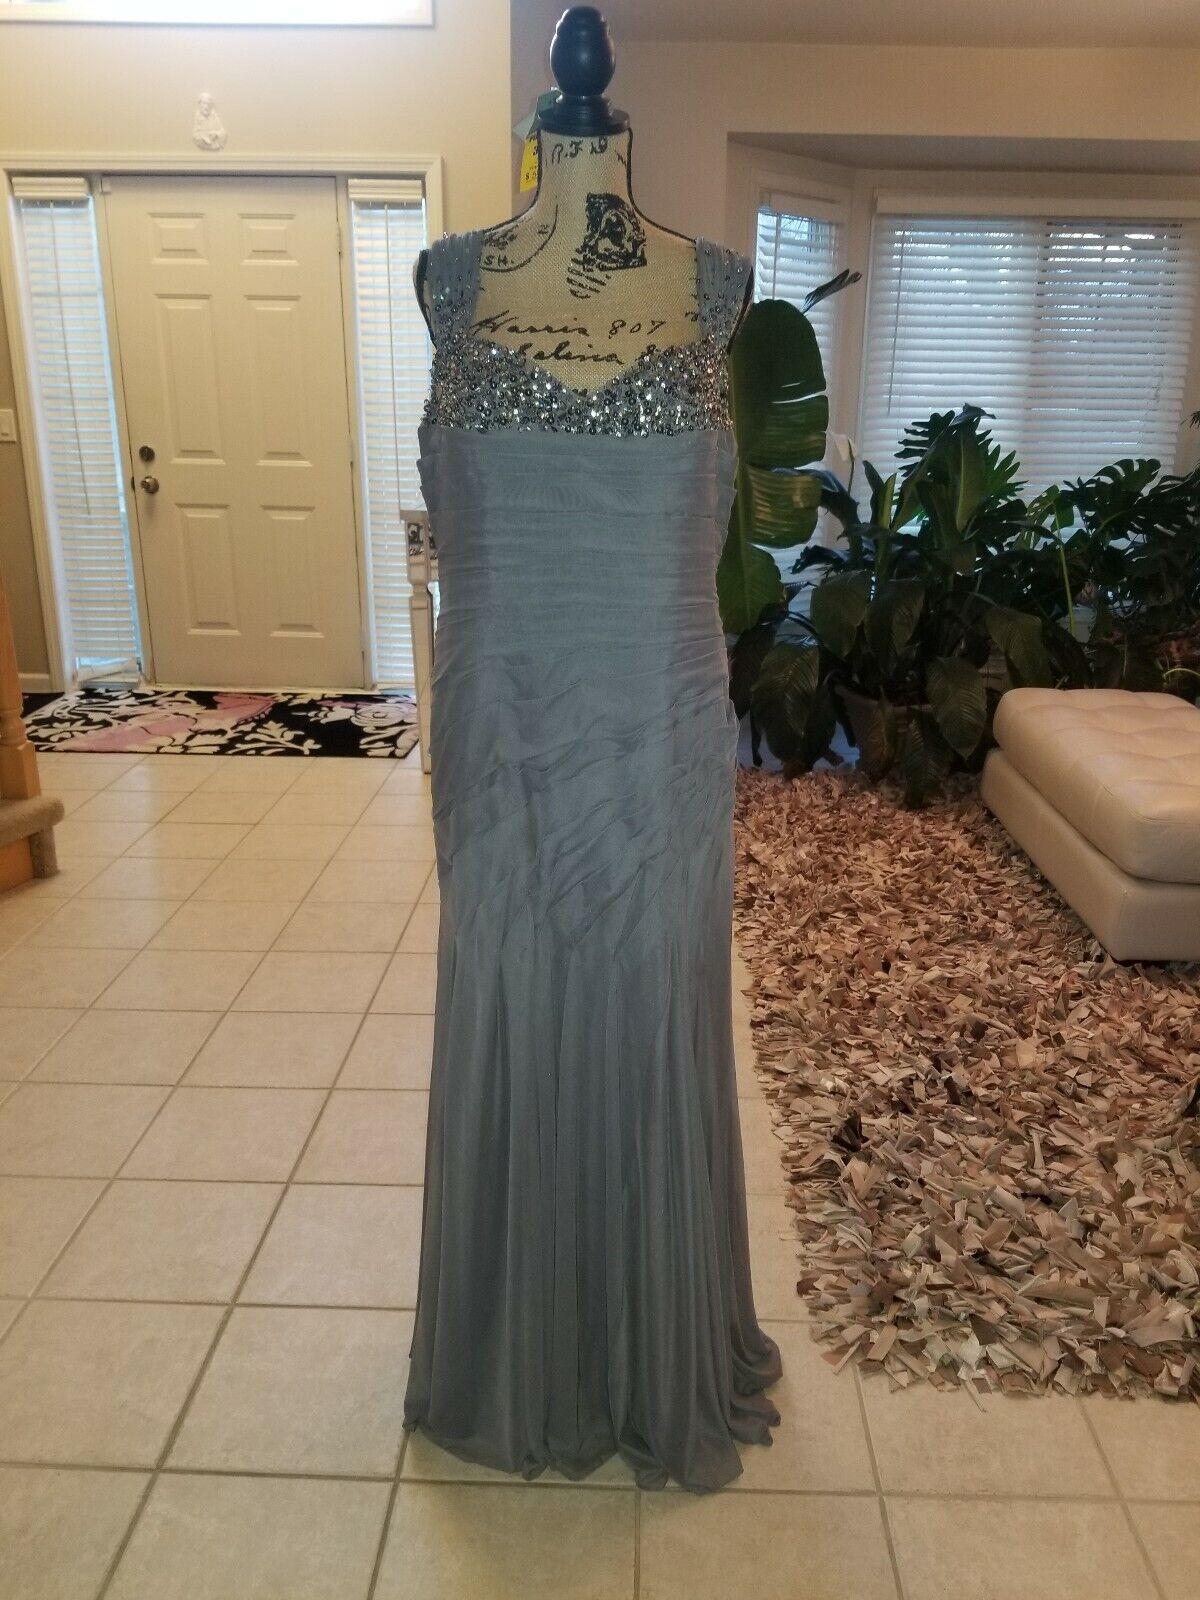 Rina Di Montella  impresionante Vestido con Cuentas formal de gala. Excelente Estado  punto de venta